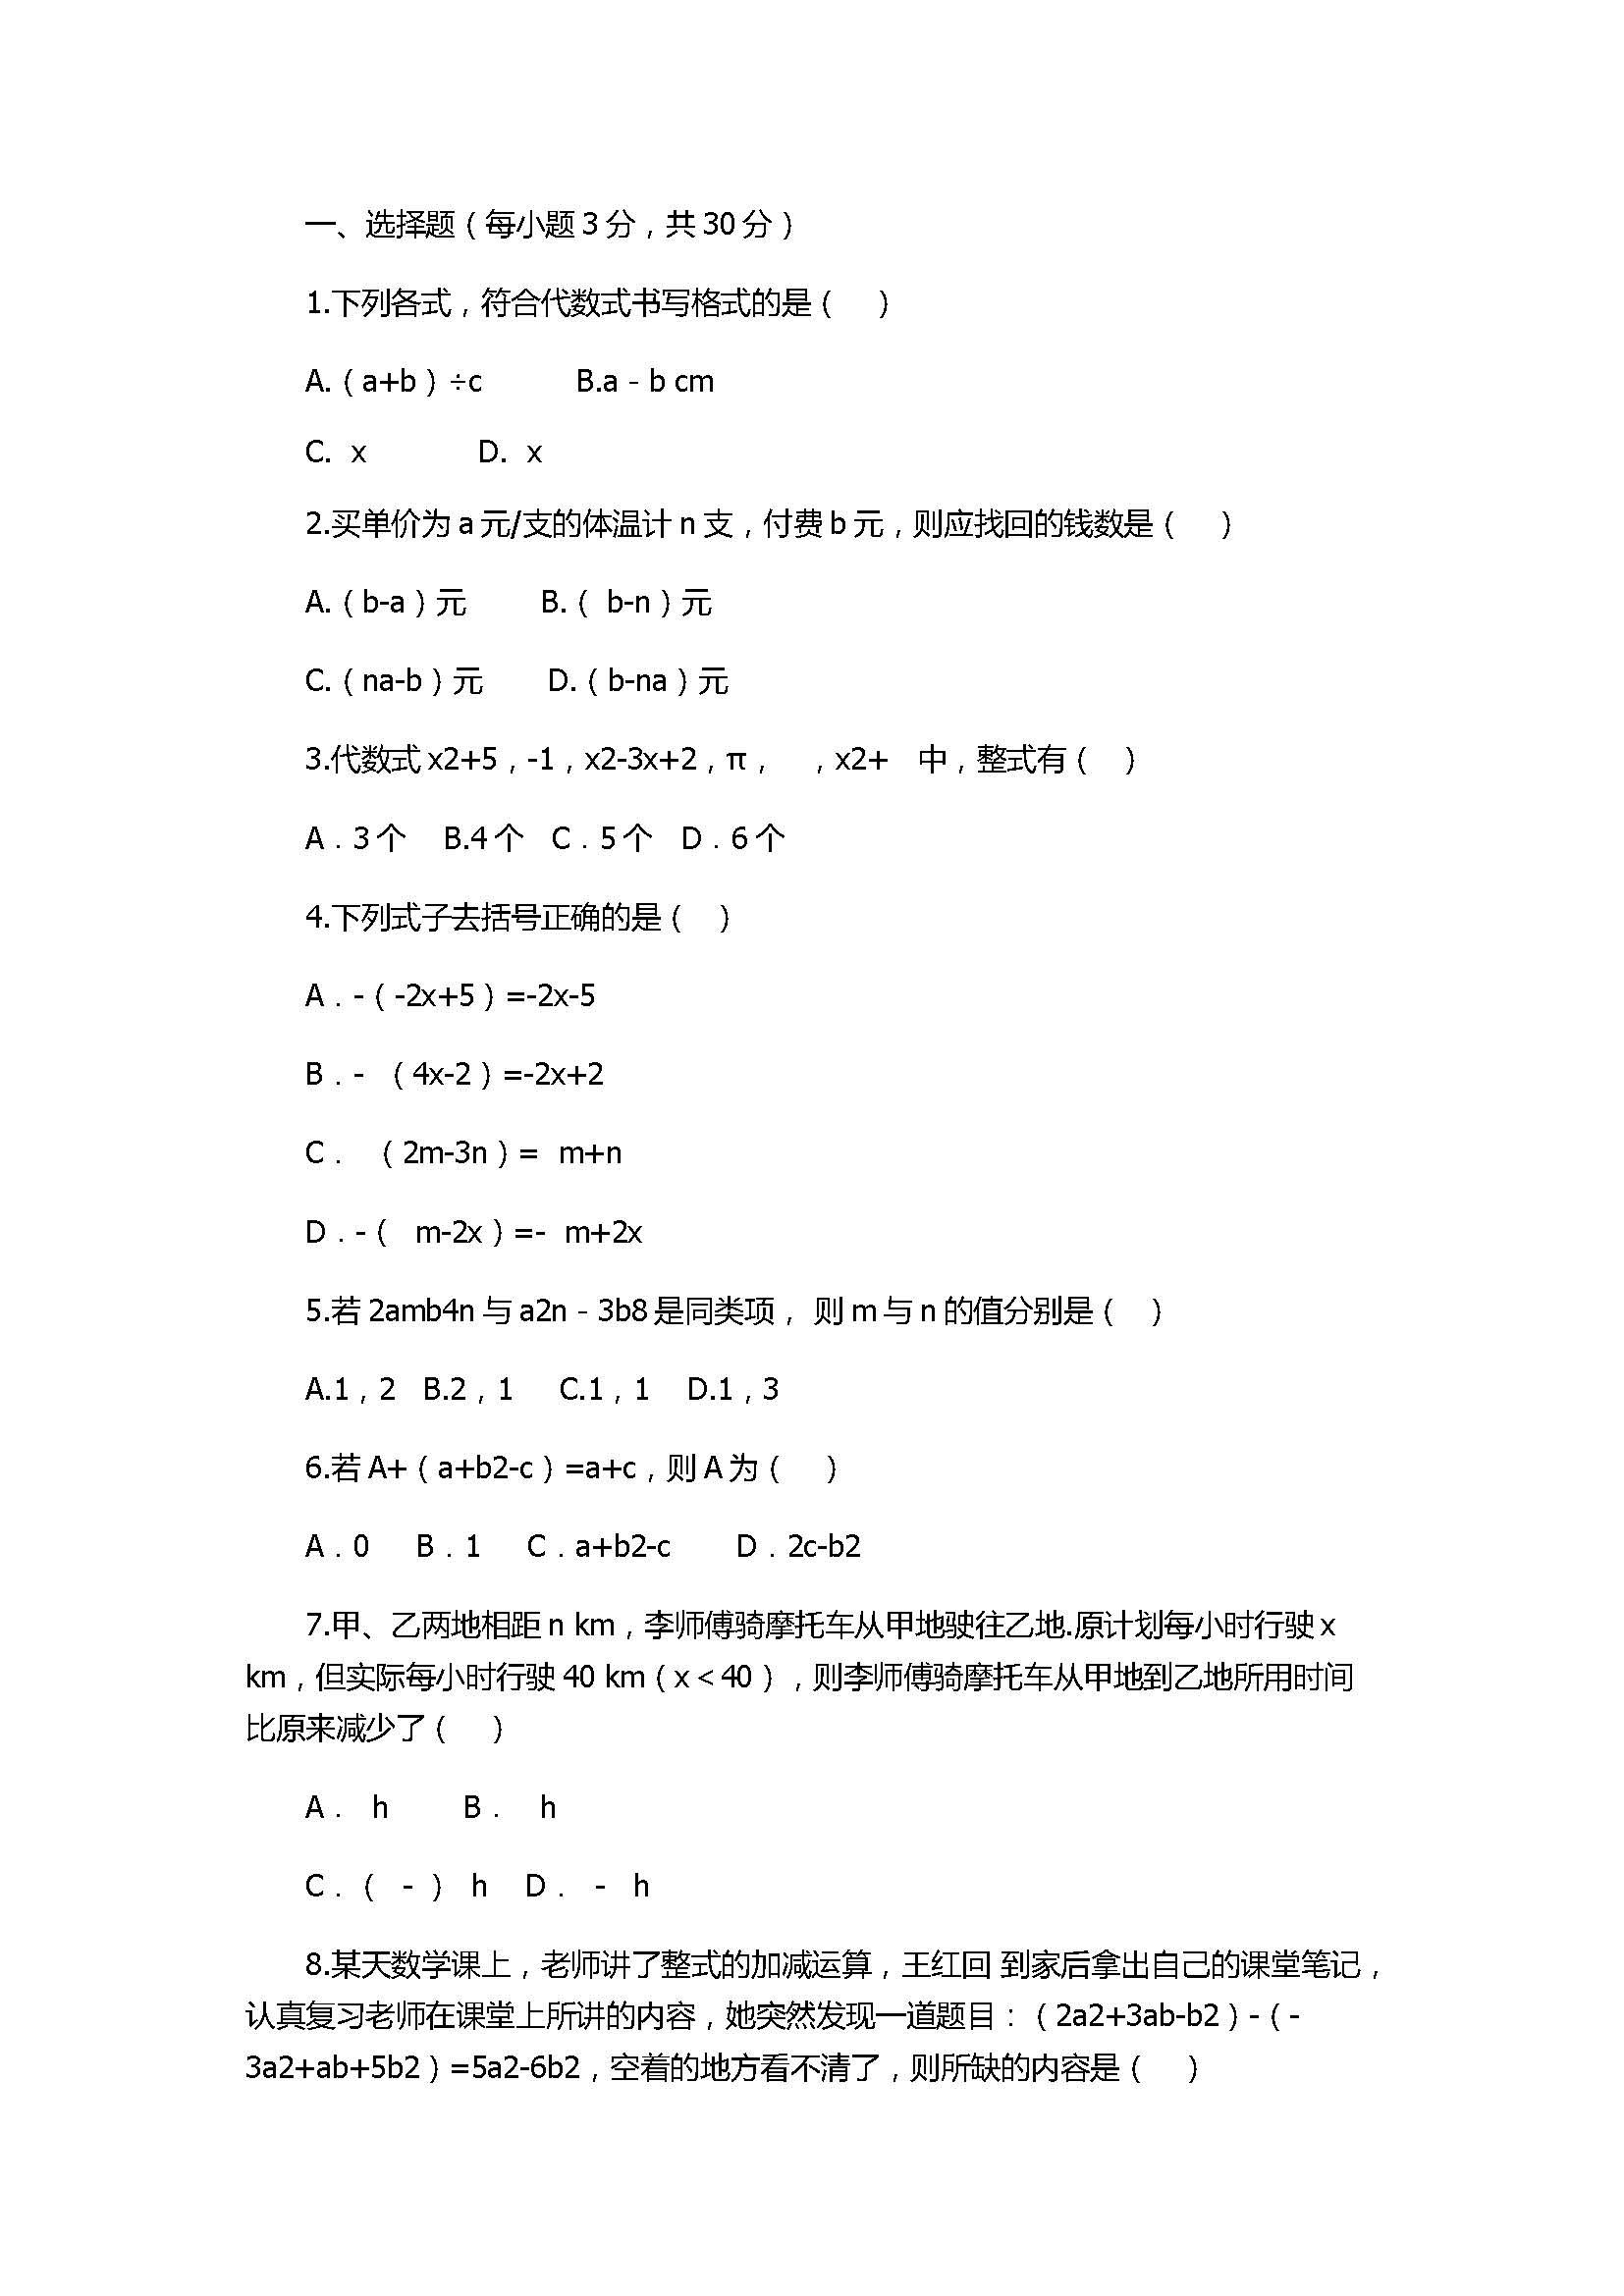 2017初一数学上册第三章单元检测试卷附答案及解析(北师大版)